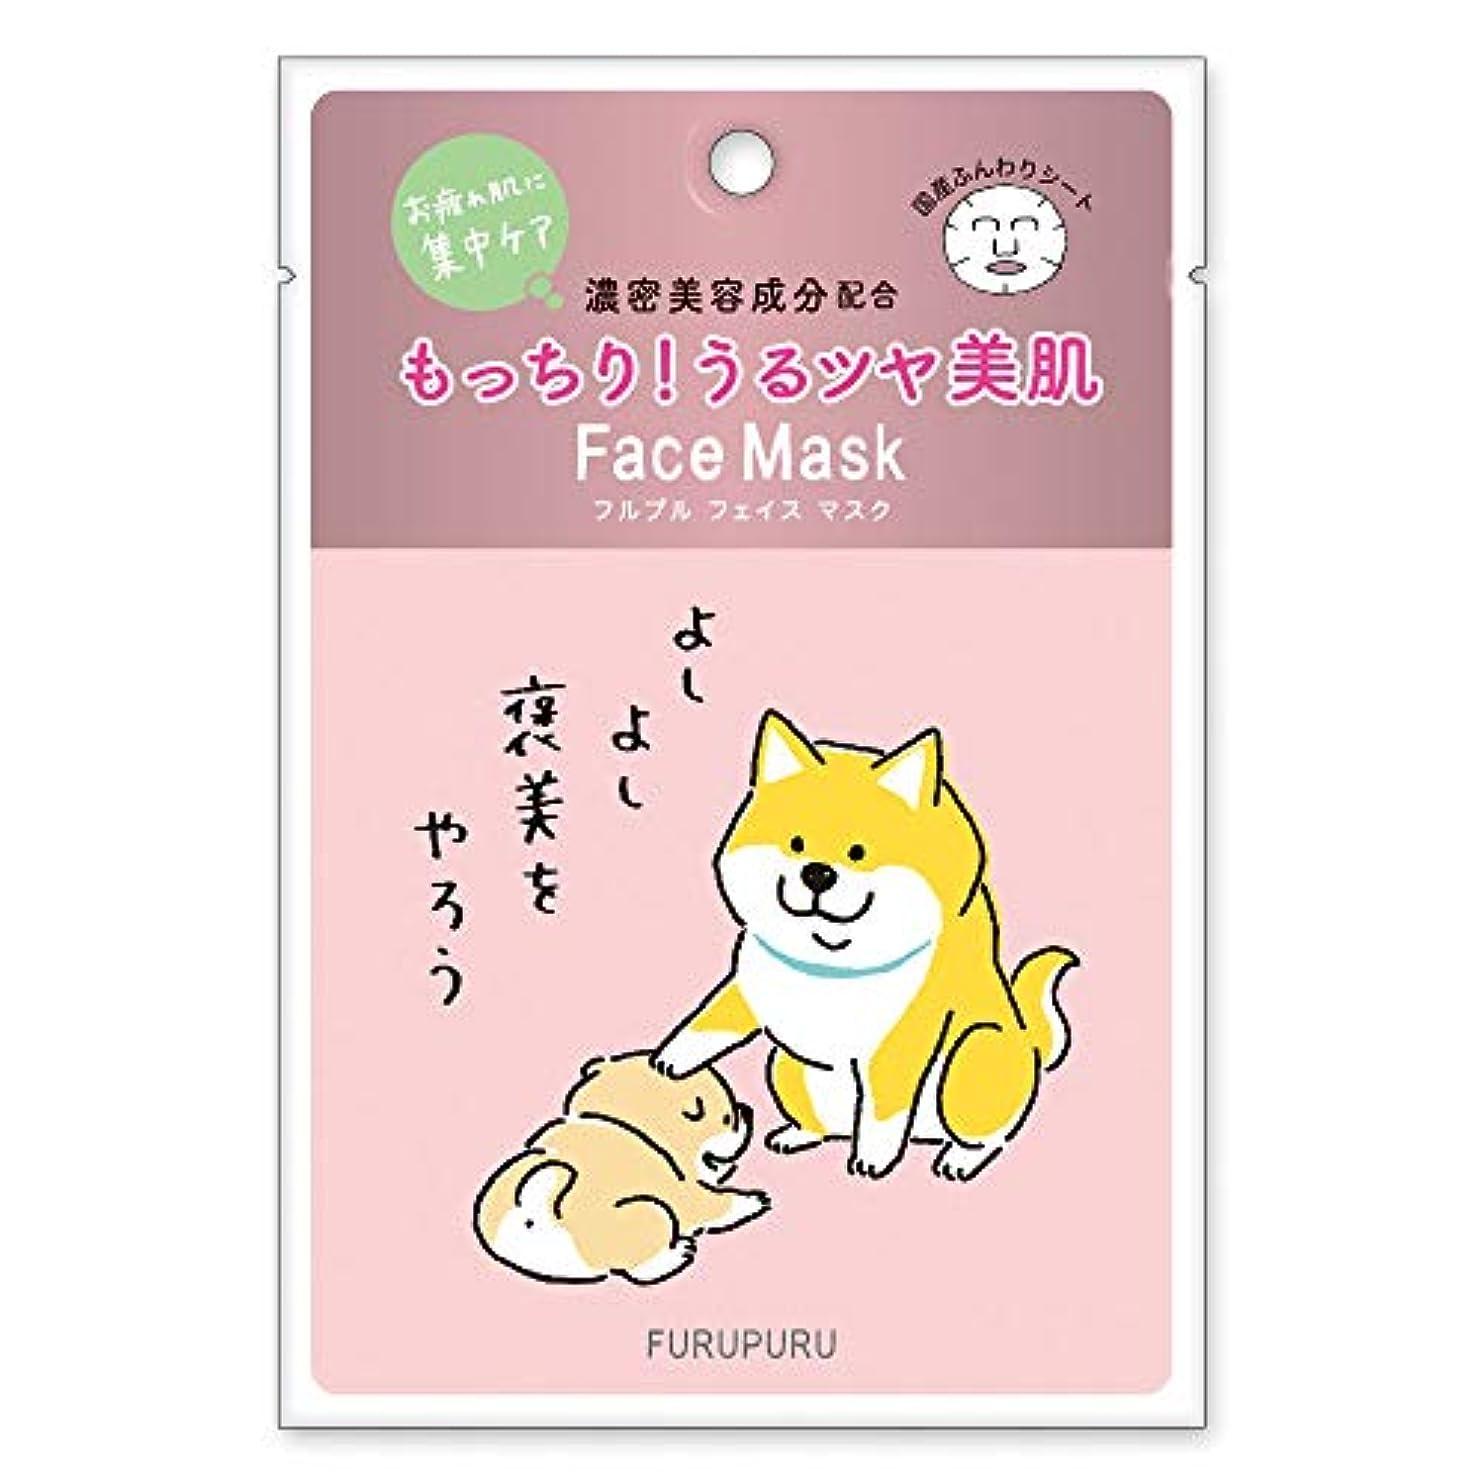 請負業者砂の焦げフルプルフェイスマスク しばんばん 褒美をやろう やさしく香る天然ローズの香り 30g